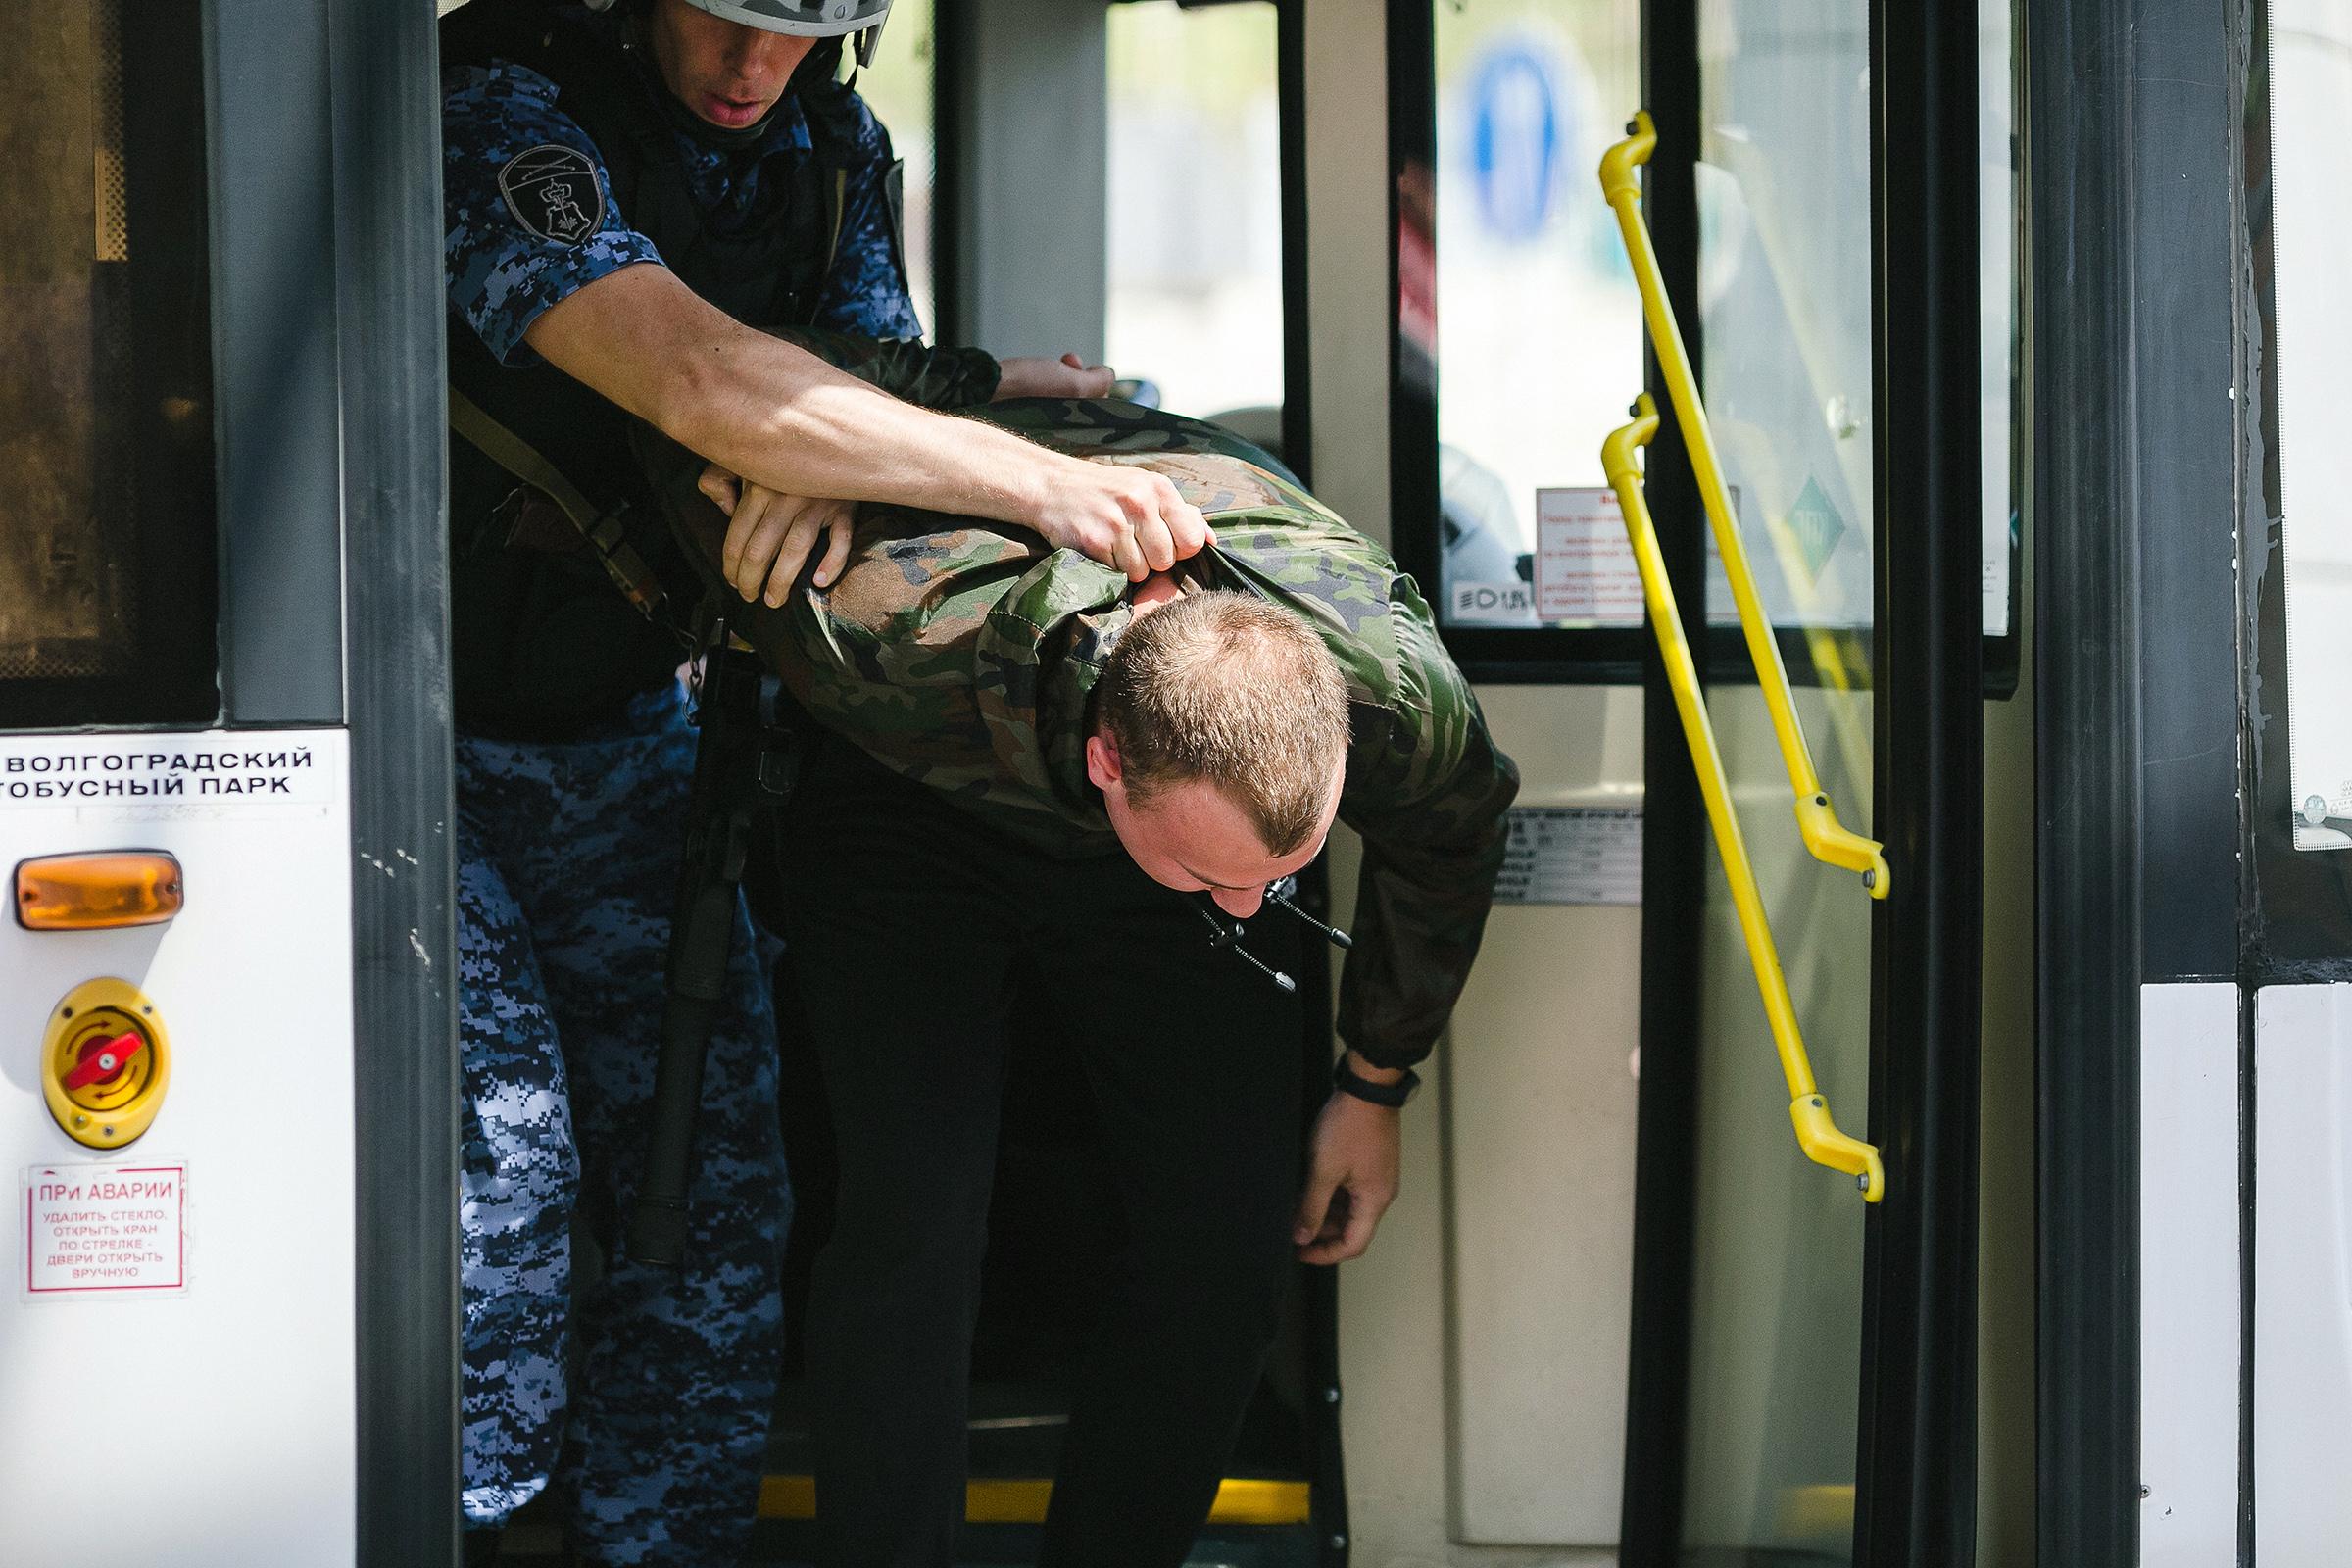 """На форуме """"Транспортная среда"""" продемонстрирована работа Росгвардии по охране общественного транспорта (видео)"""